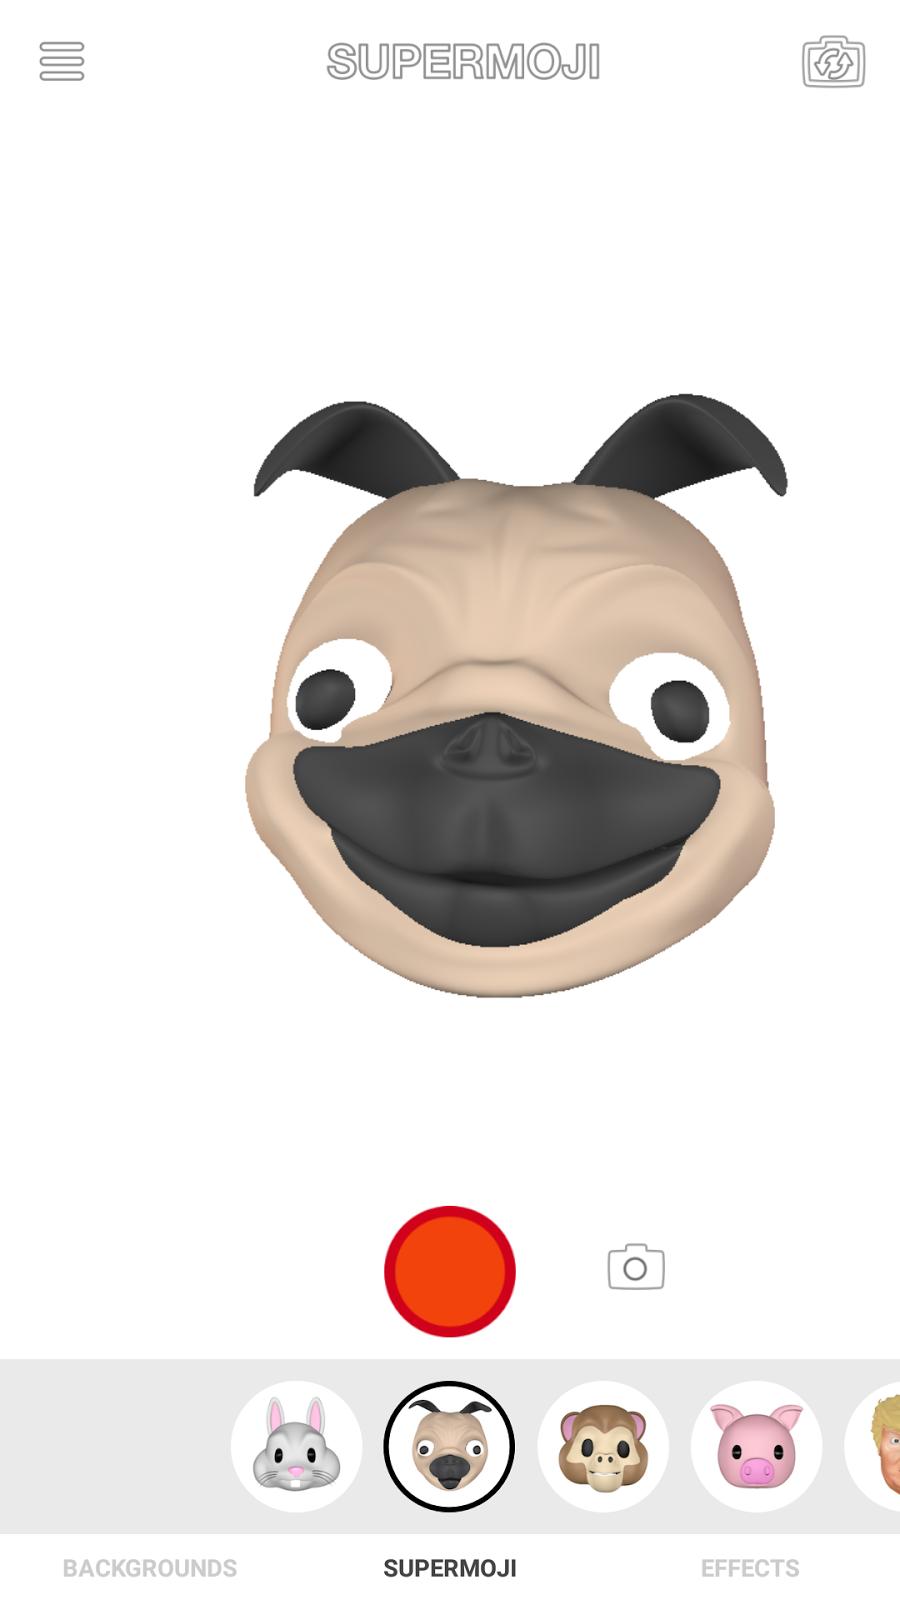 Dog Supermoji